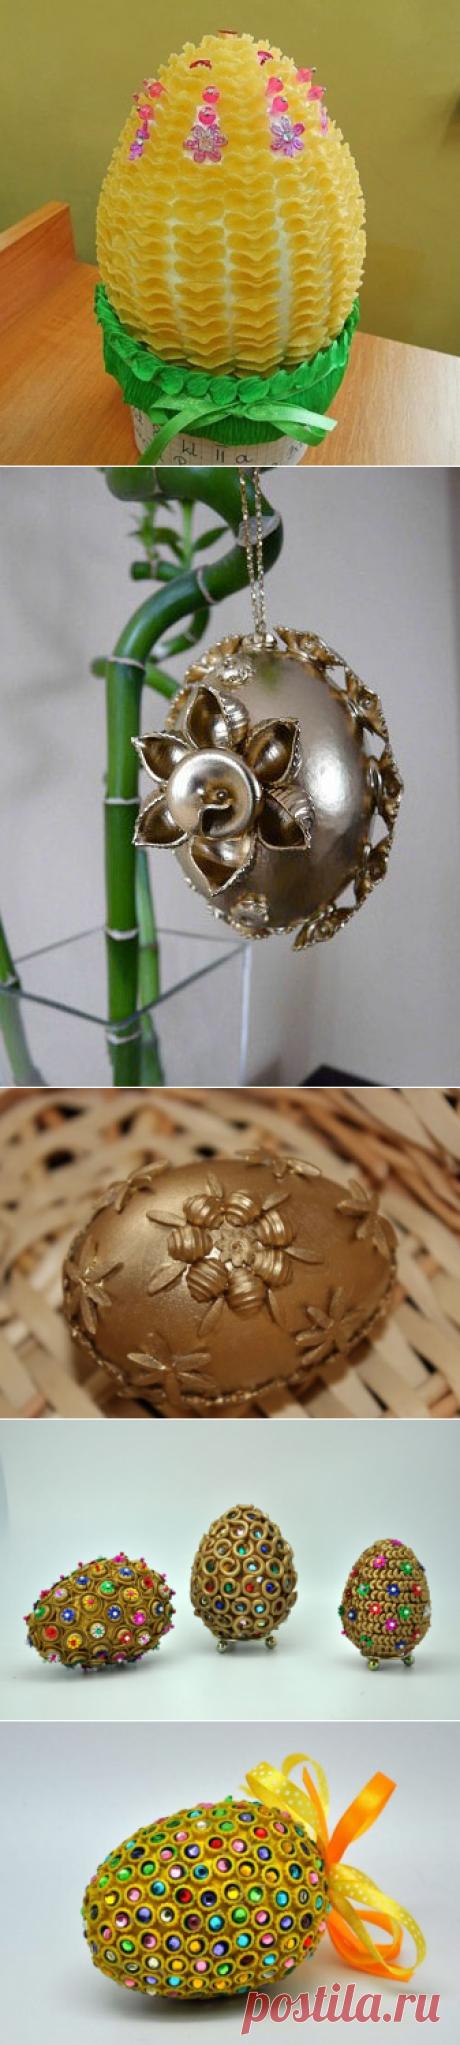 Яйца декорированные макаронами - Домашний hand-made